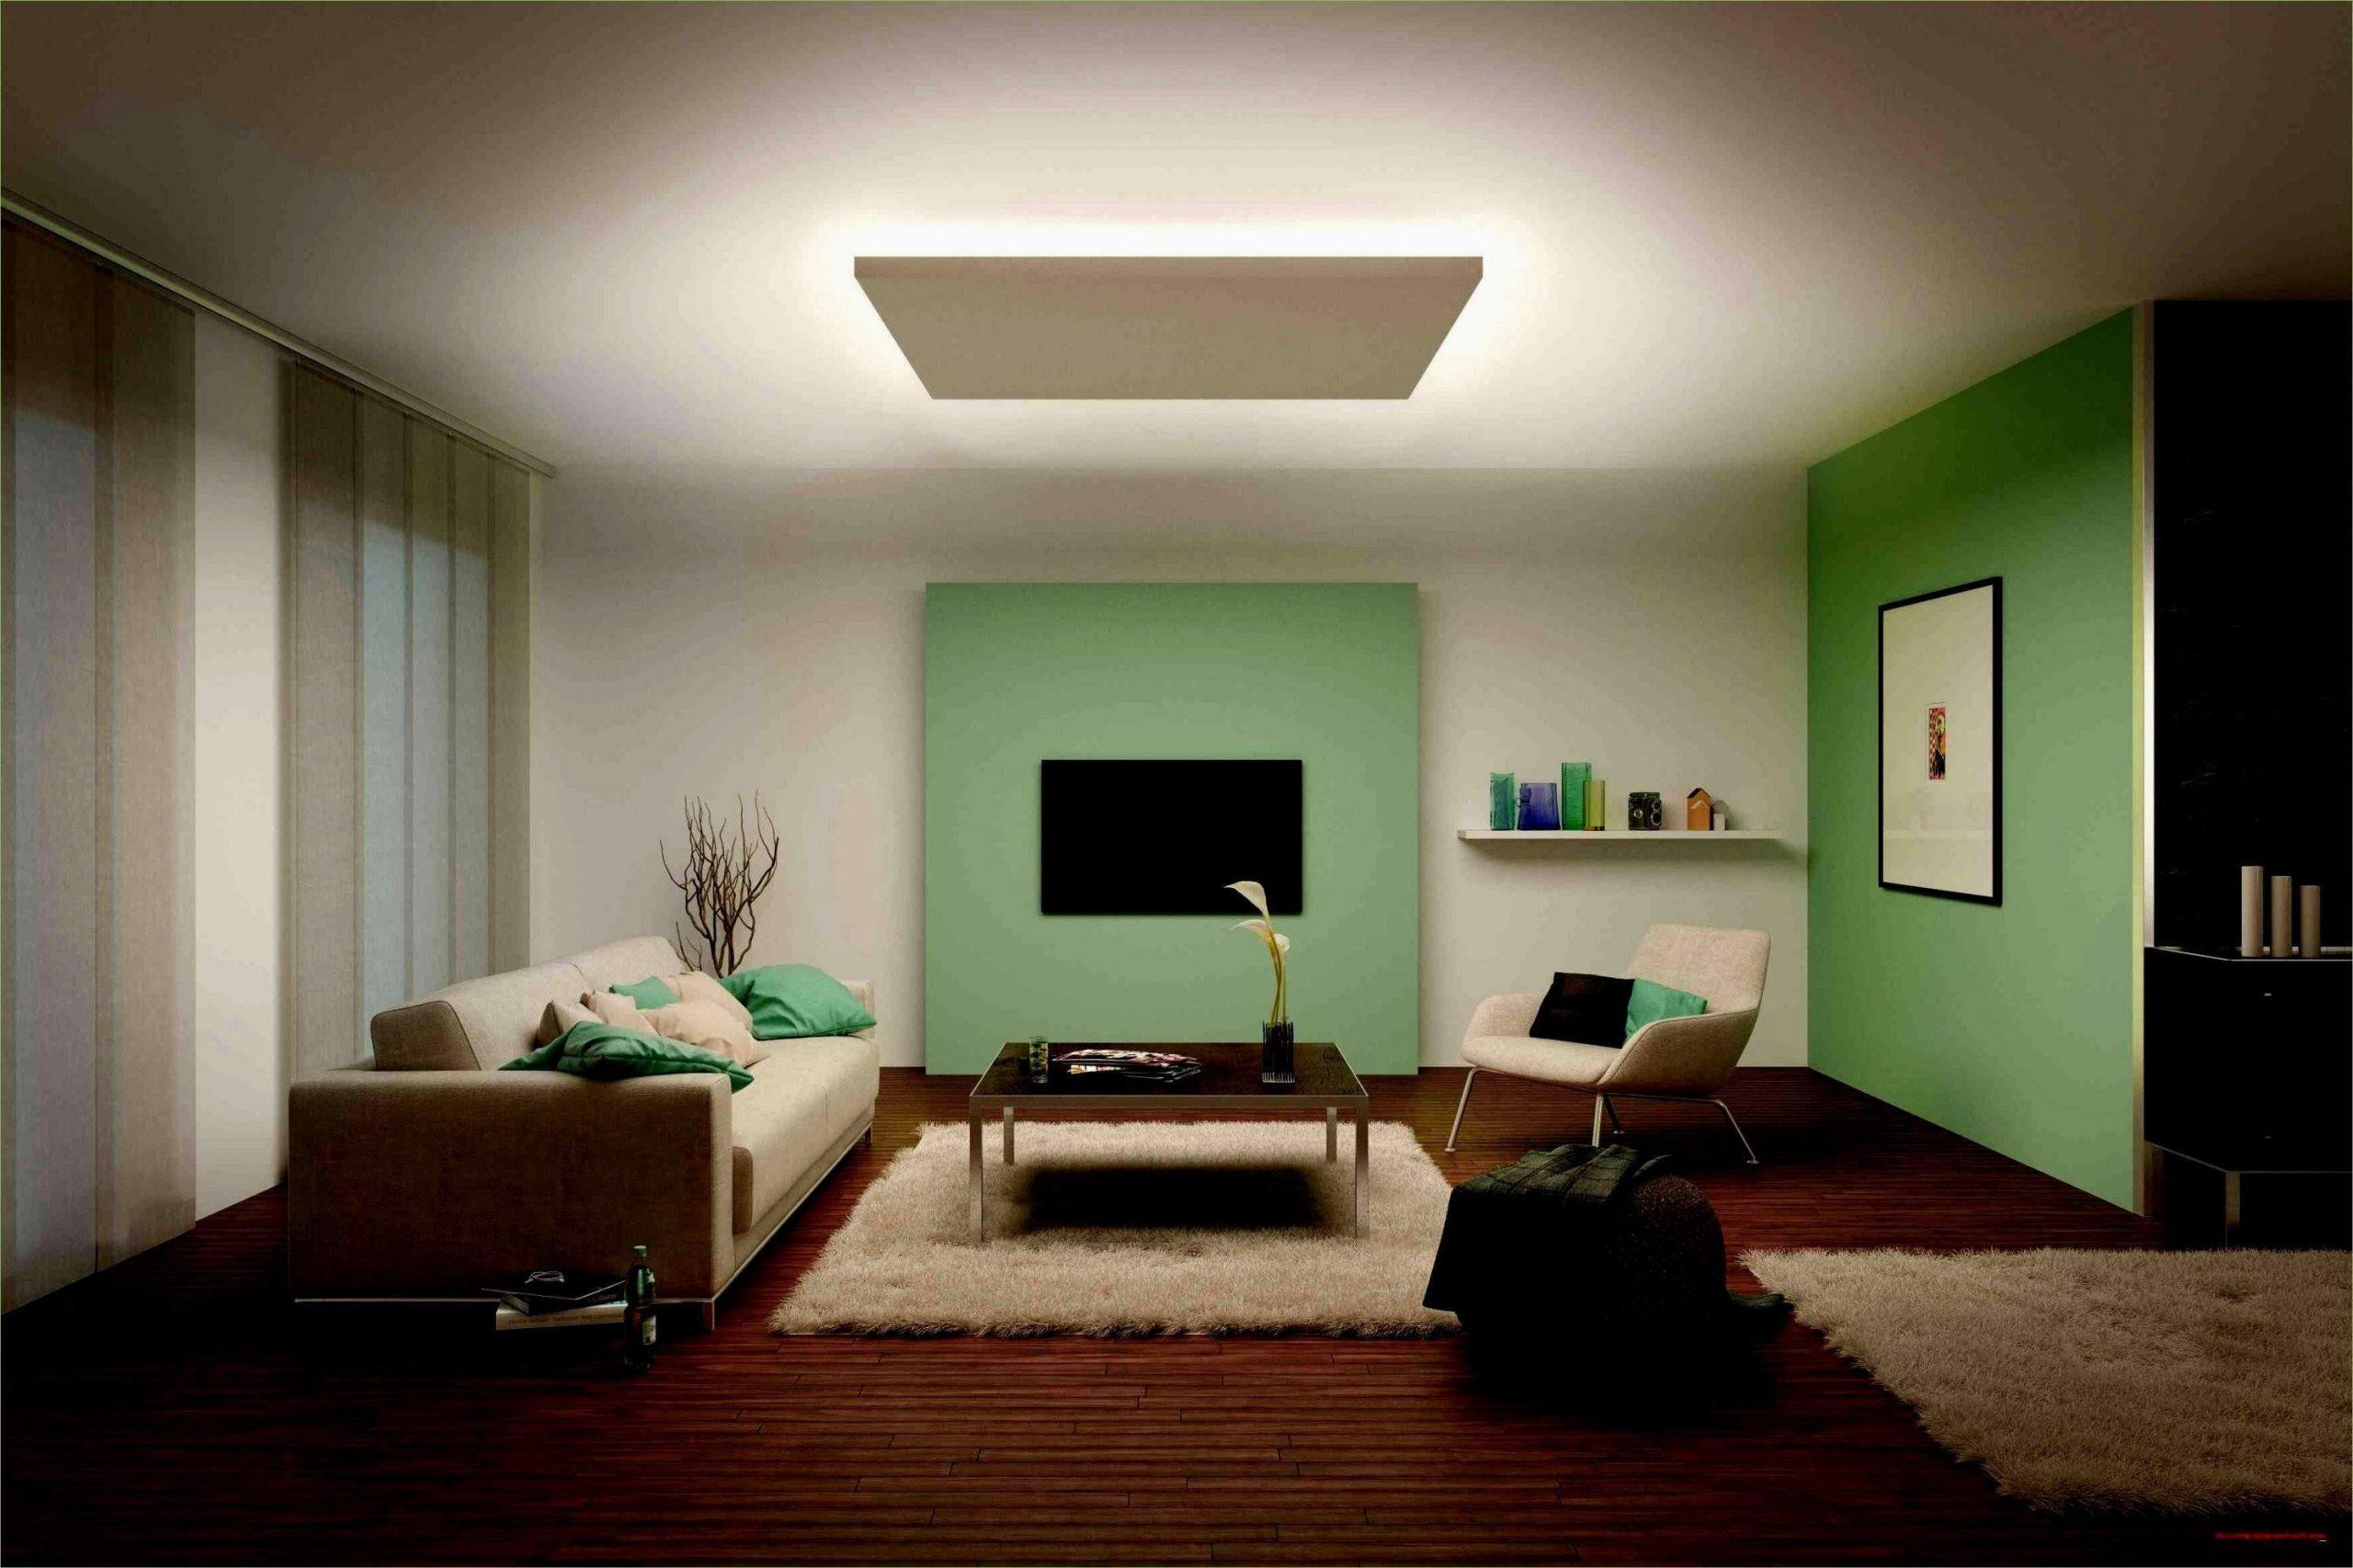 lampe wohnzimmer decke das beste von 37 frisch lampe wohnzimmer decke of lampe wohnzimmer decke